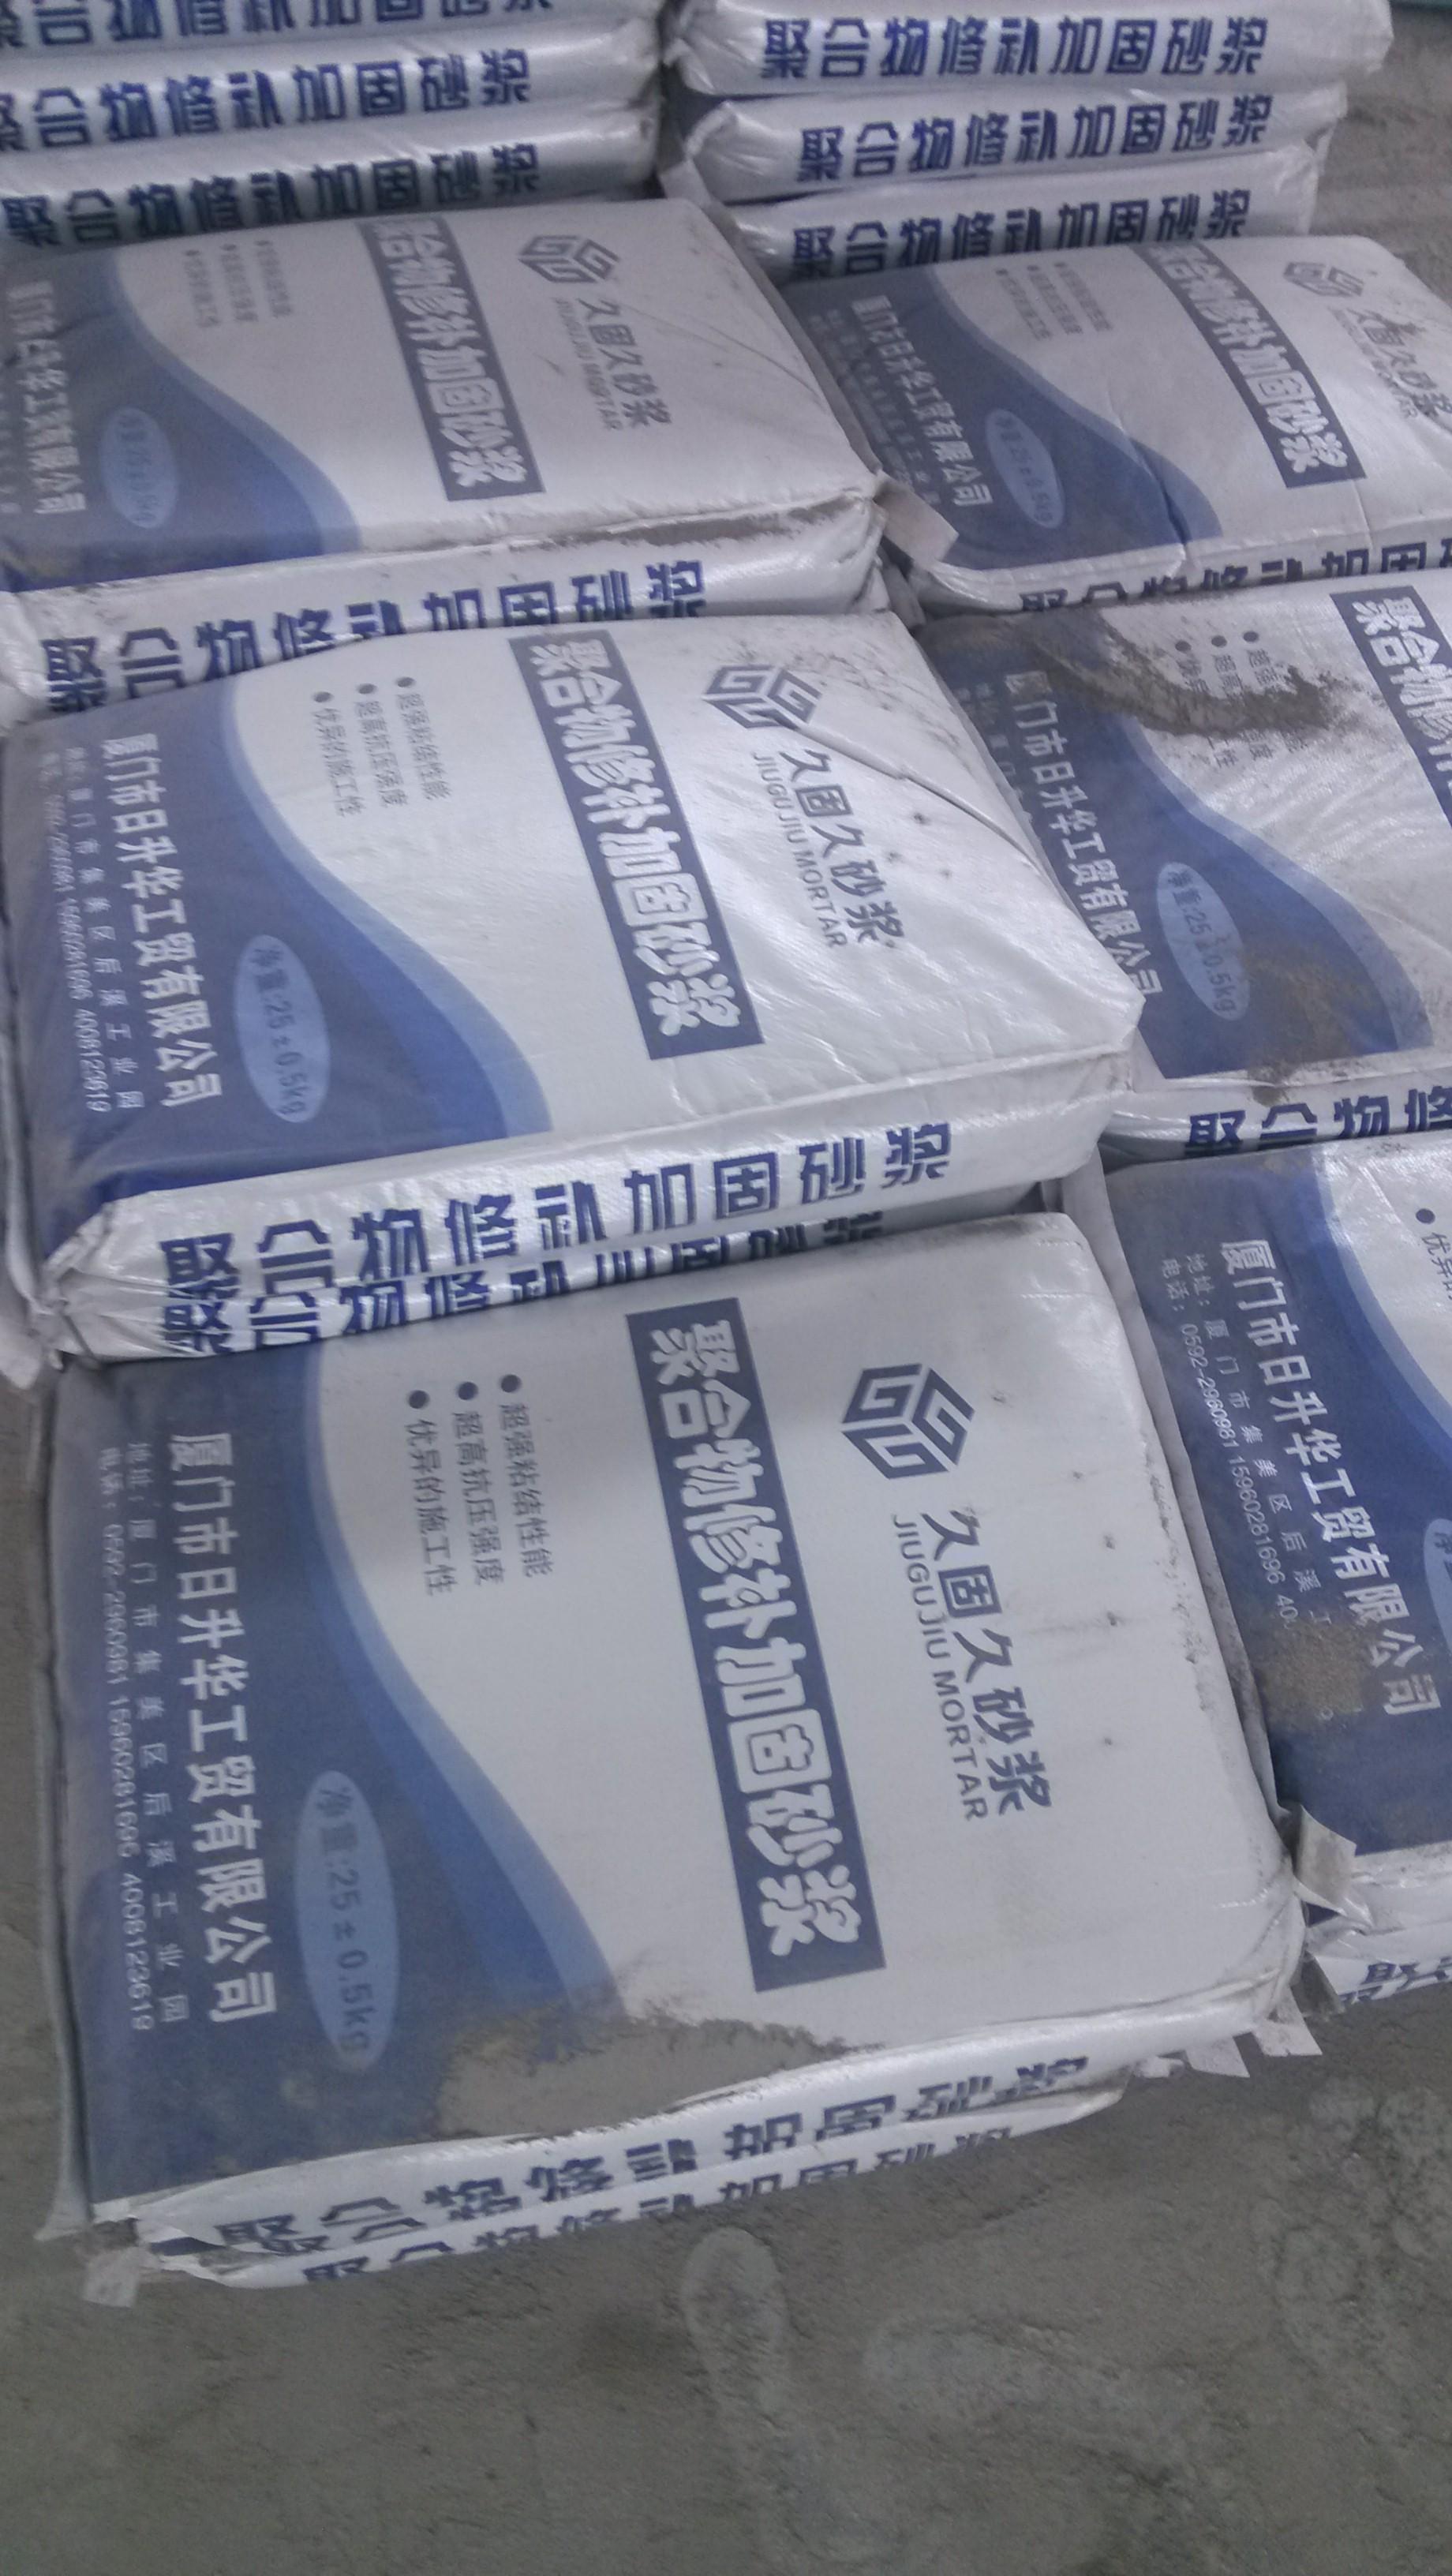 福建耐用的聚合物修补加固砂浆供应 聚合物修补砂浆厂家供应